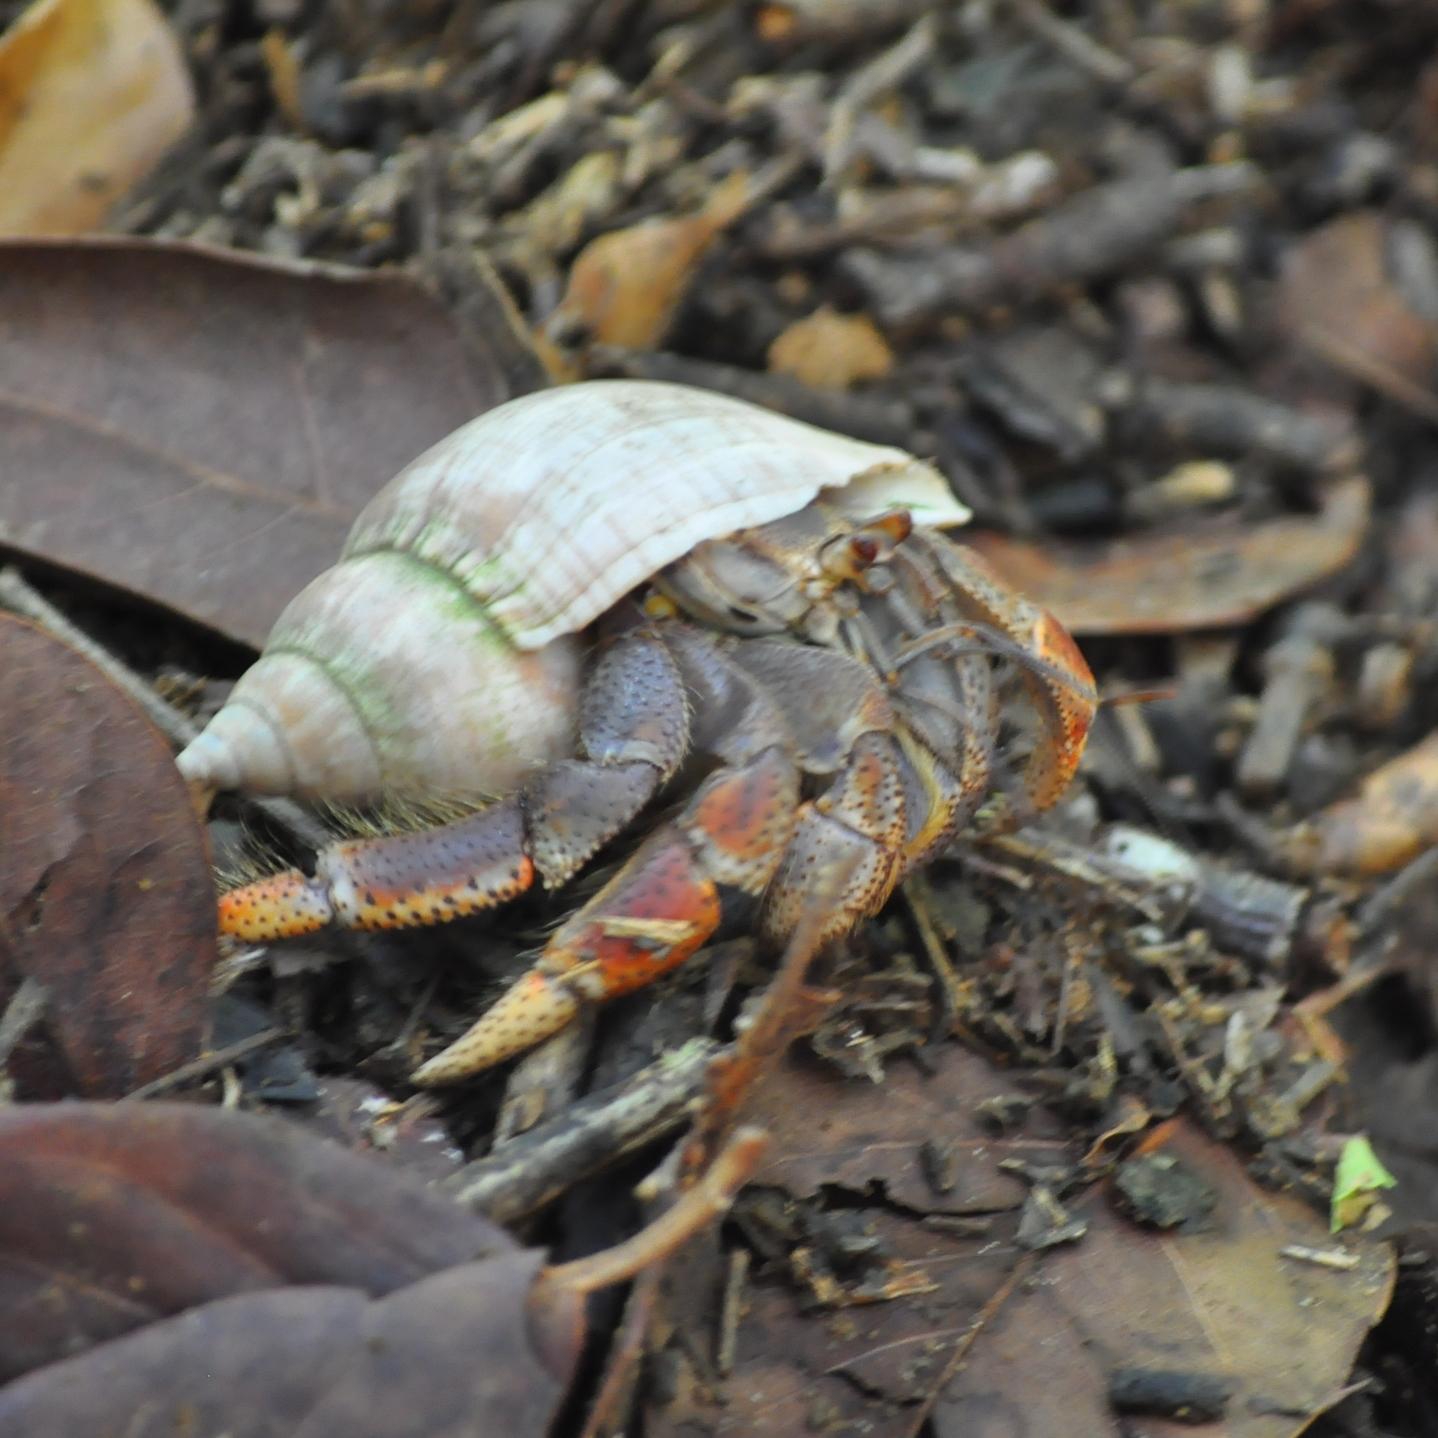 Un cangrejo hermitaño pasó frente a nosotros y Ray aprovechó para explicarnos la importancia de dejar el caracol vacío para que otro cobito lo encuentre. Foto: Pamy Rojas